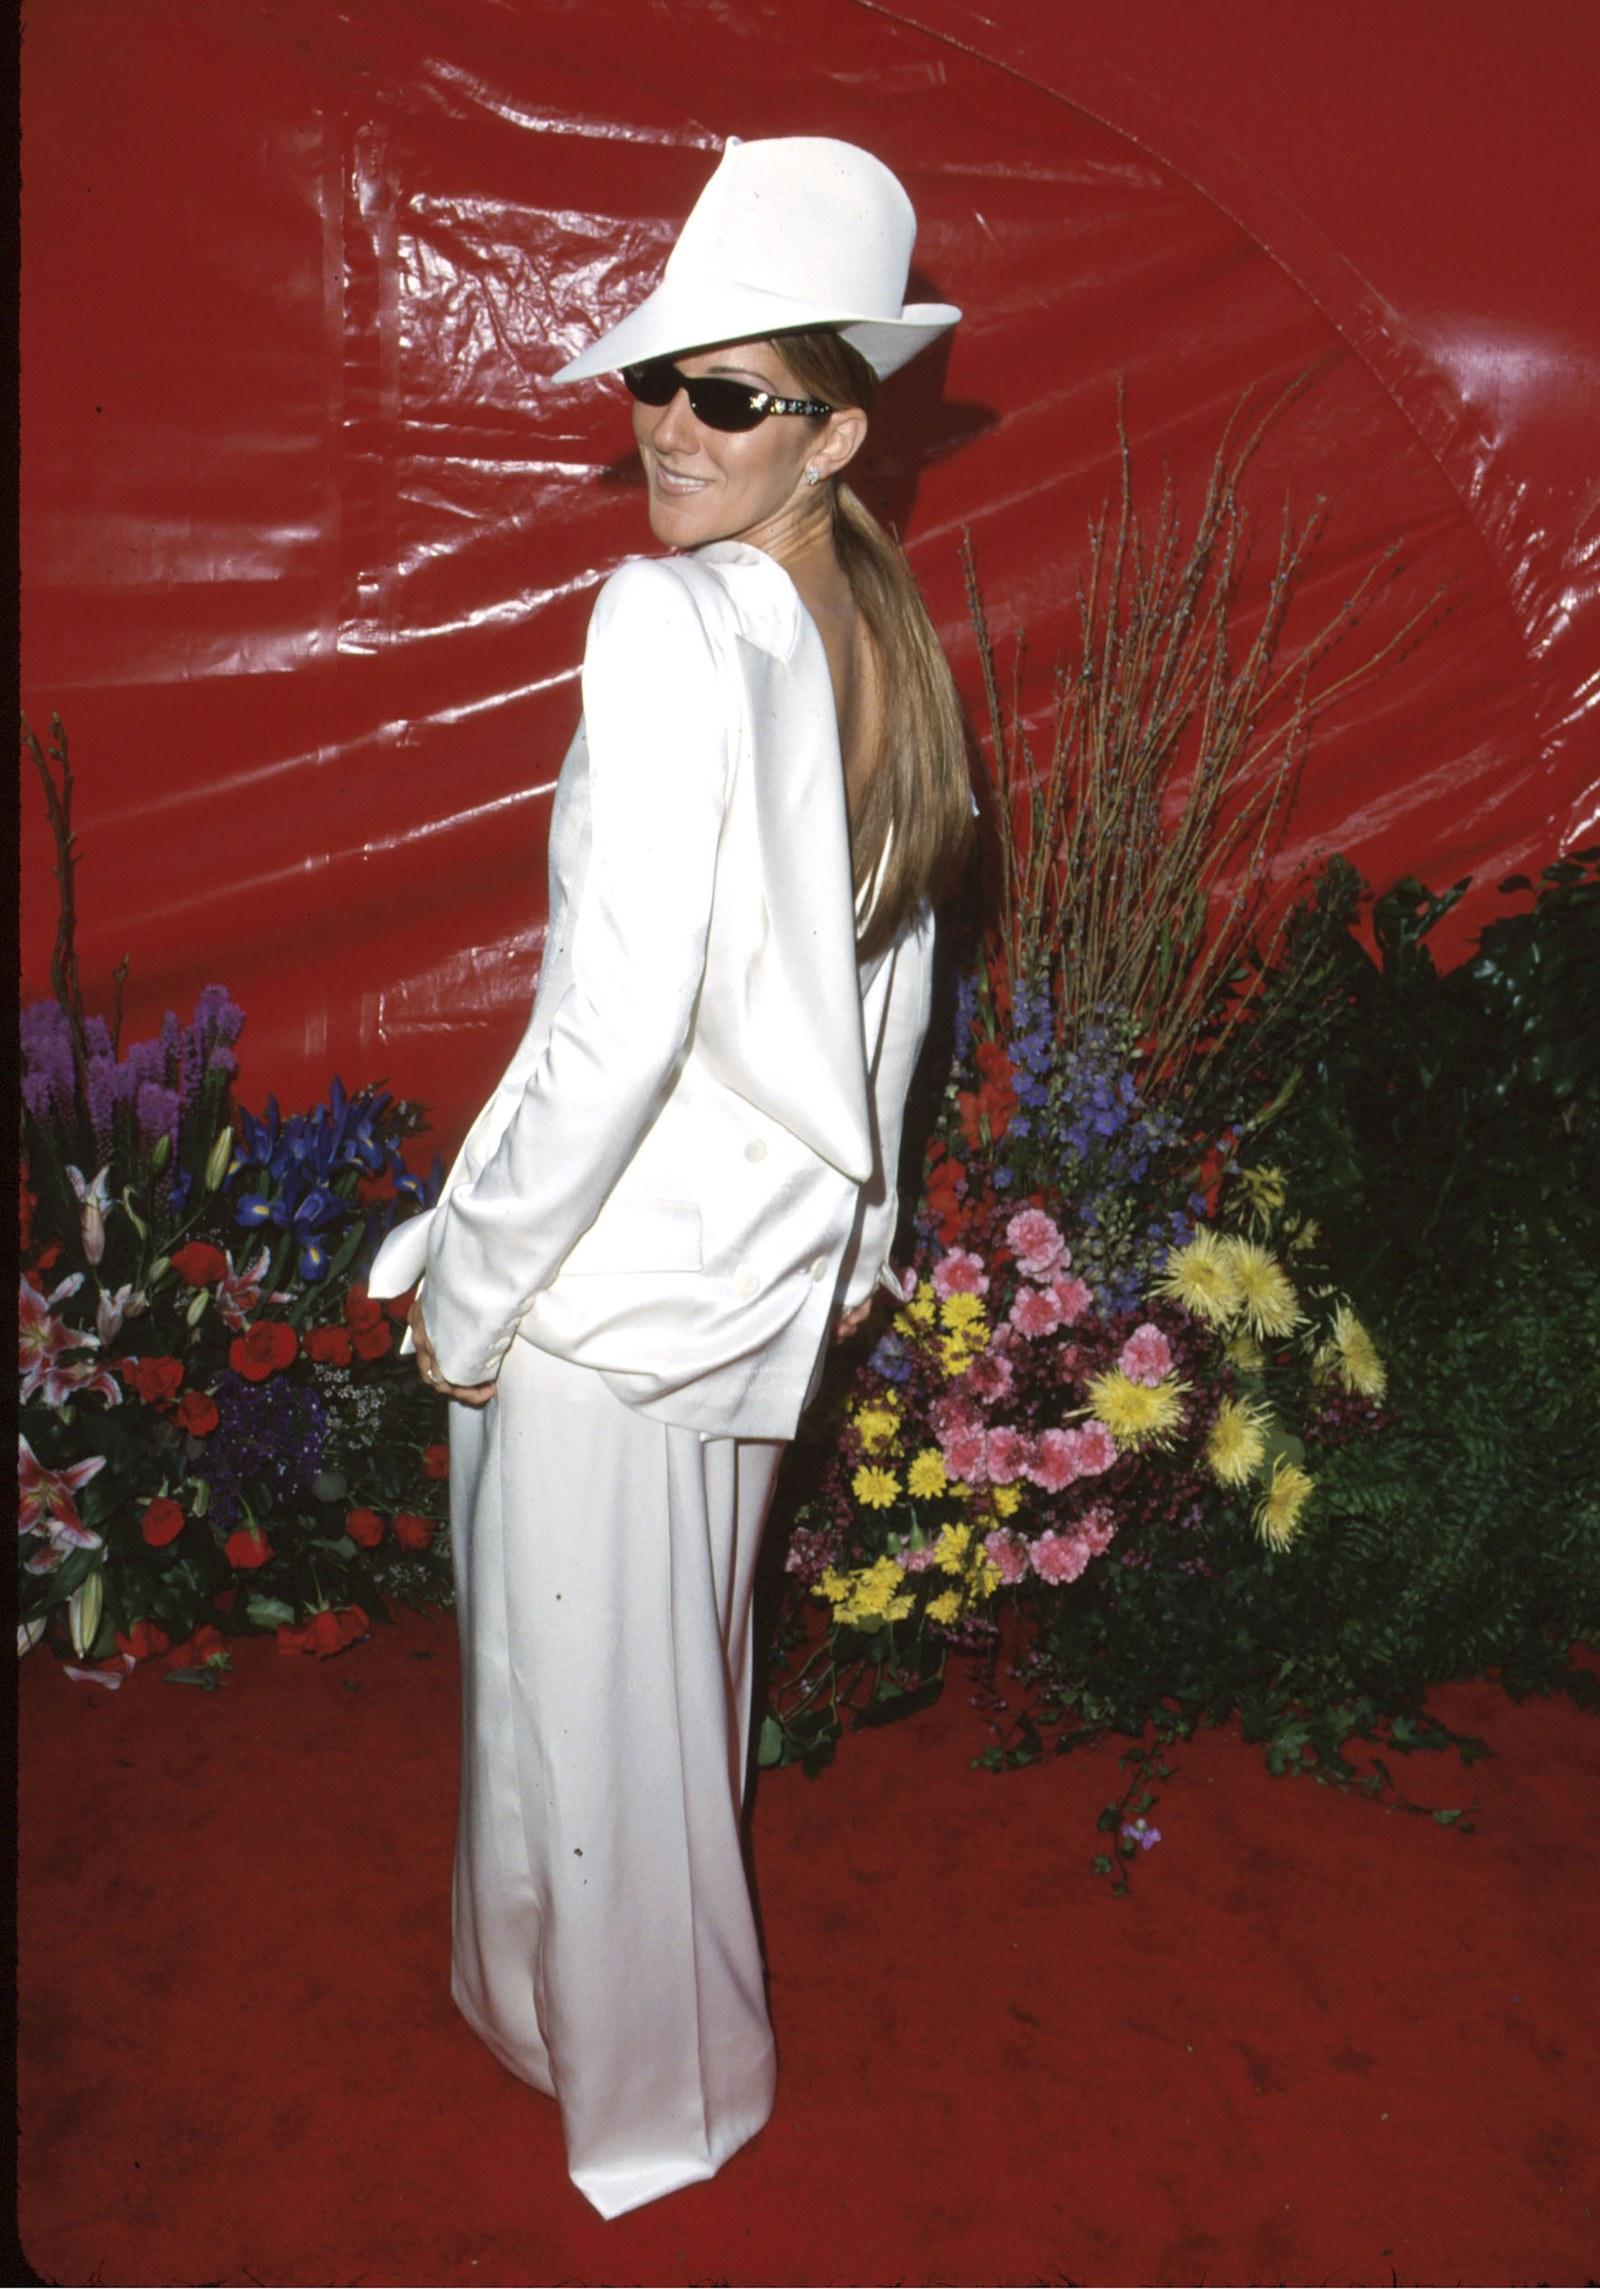 Céline Dion, 1999 Trên mặt trận thời trang, Oscar 1999 được cho là một trong những năm thú vị nhất được ghi nhận. Nhưng một điểm nổi bật không thể bỏ qua là bộ tuxedo ngược của Céline Dion, được thiết kế bởi John Galliano và kết hợp với một chiếc mũ vành xù. Đó là một sự khởi đầu trong khoảng thời gian, khi thảm đỏ vẫn còn bị chi phối rất nhiều bởi những chiếc váy truyền thống. Khi tôi mặc thứ đó, mọi người đều mặc váy chứ không phải quần, sau đó cô ấy nhớ lại. Tôi là người duy nhất có quần trong bộ đồ lạc hậu từ Galliano, và nếu tôi làm điều này hôm nay, nó sẽ hoạt động. Đó là tiên phong vào thời điểm đó.